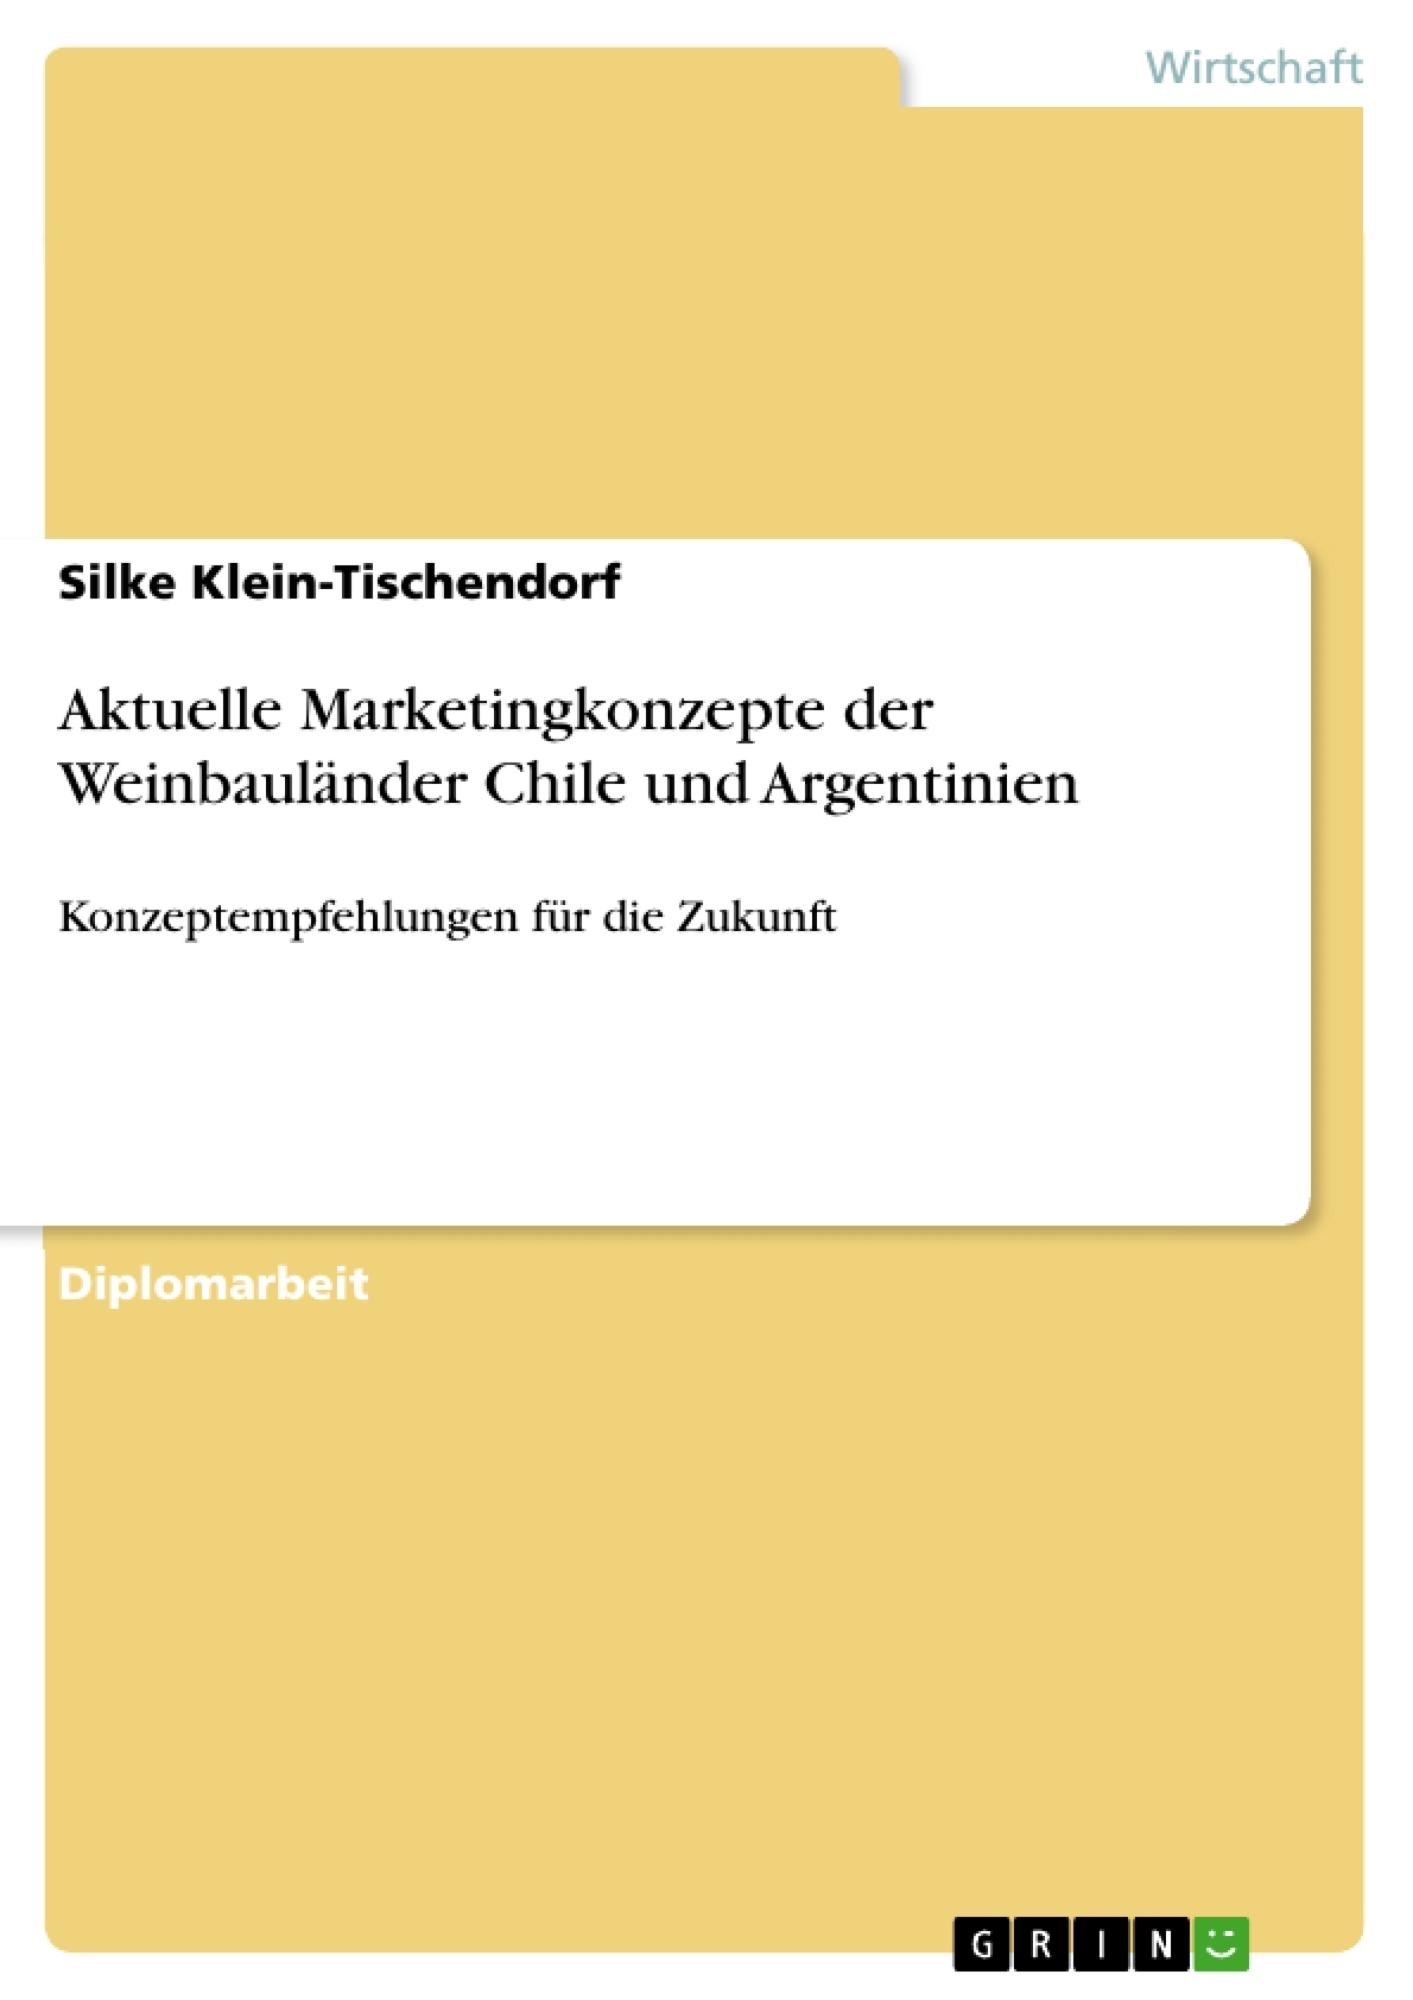 Titel: Aktuelle Marketingkonzepte der Weinbauländer Chile und Argentinien